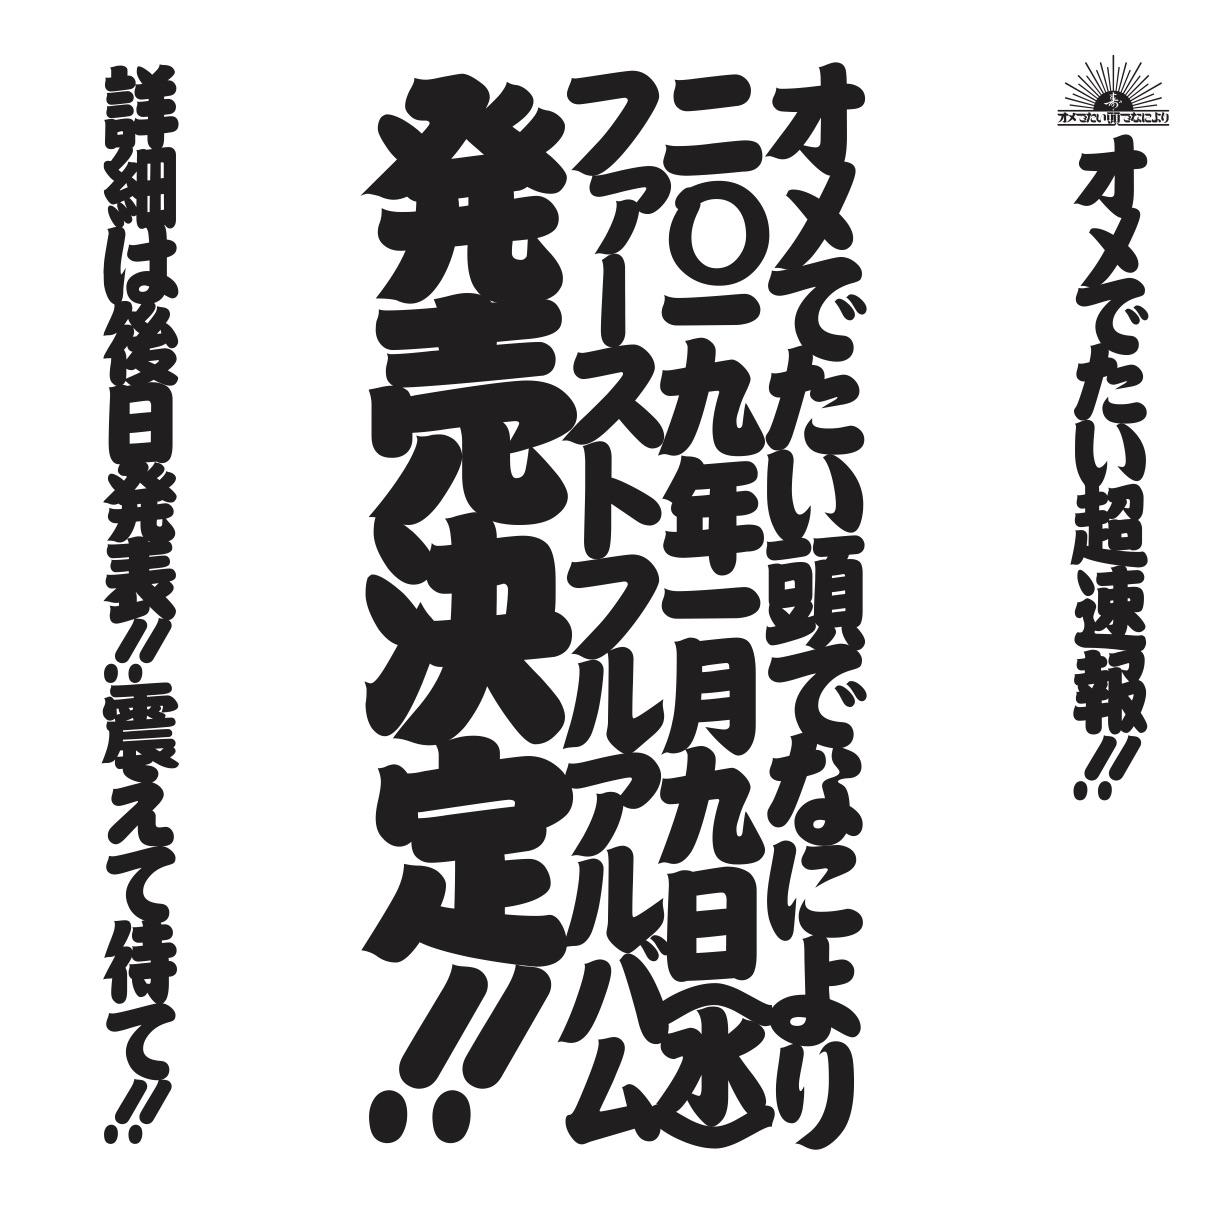 2019年1月9日ファーストフルアルバム発売決定!